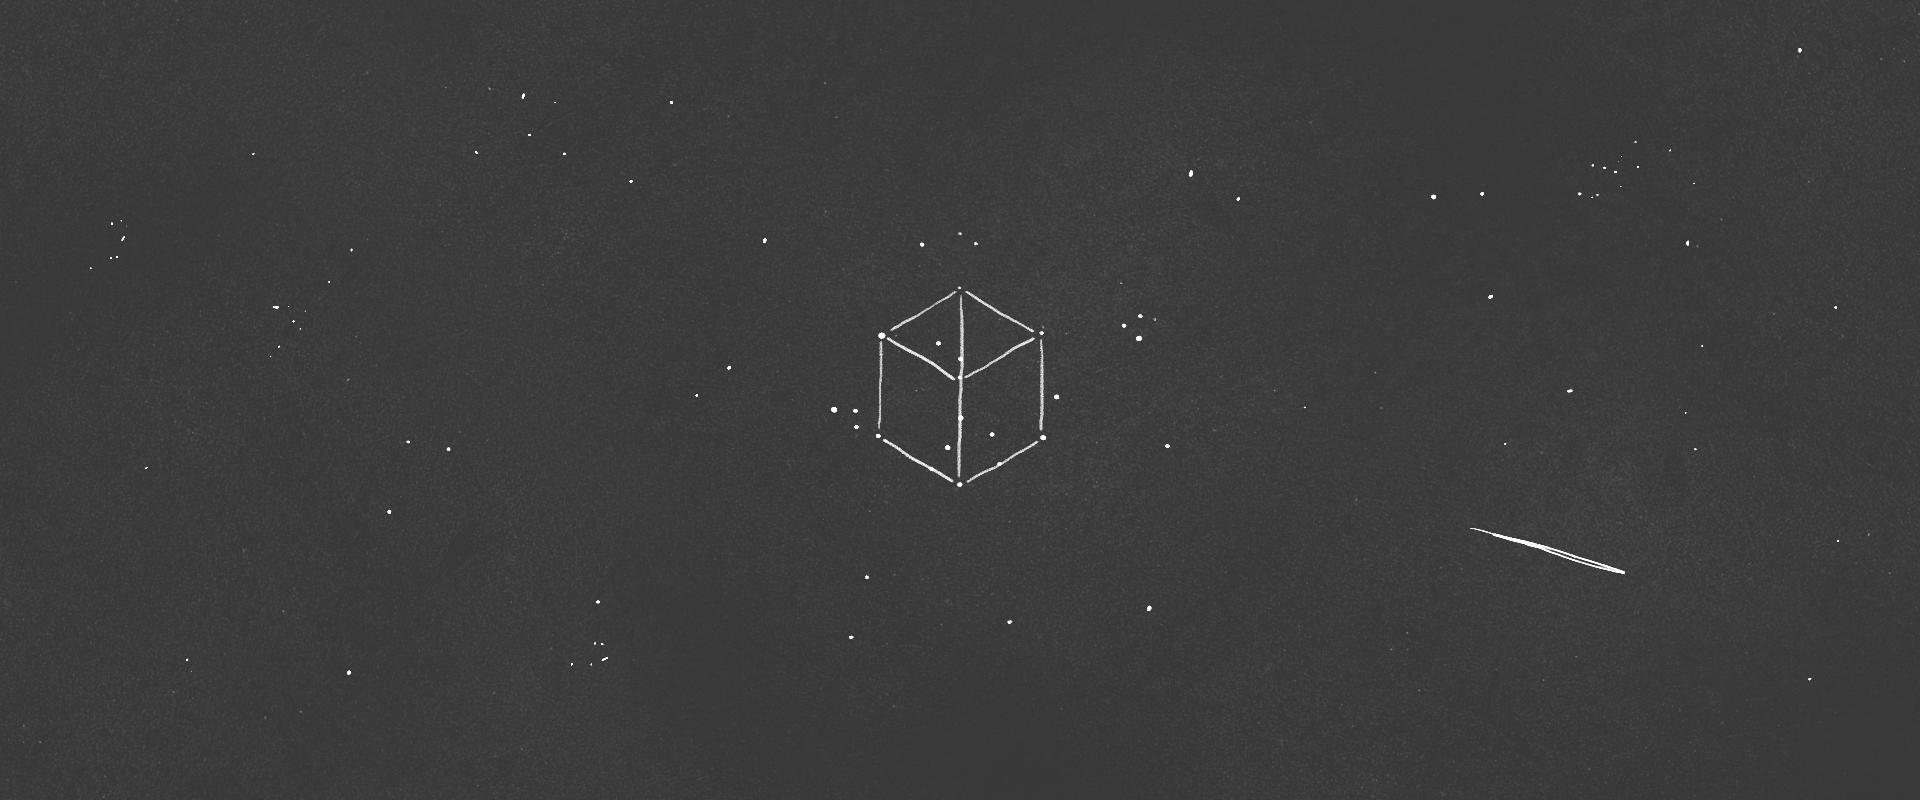 WI_space_35.jpg